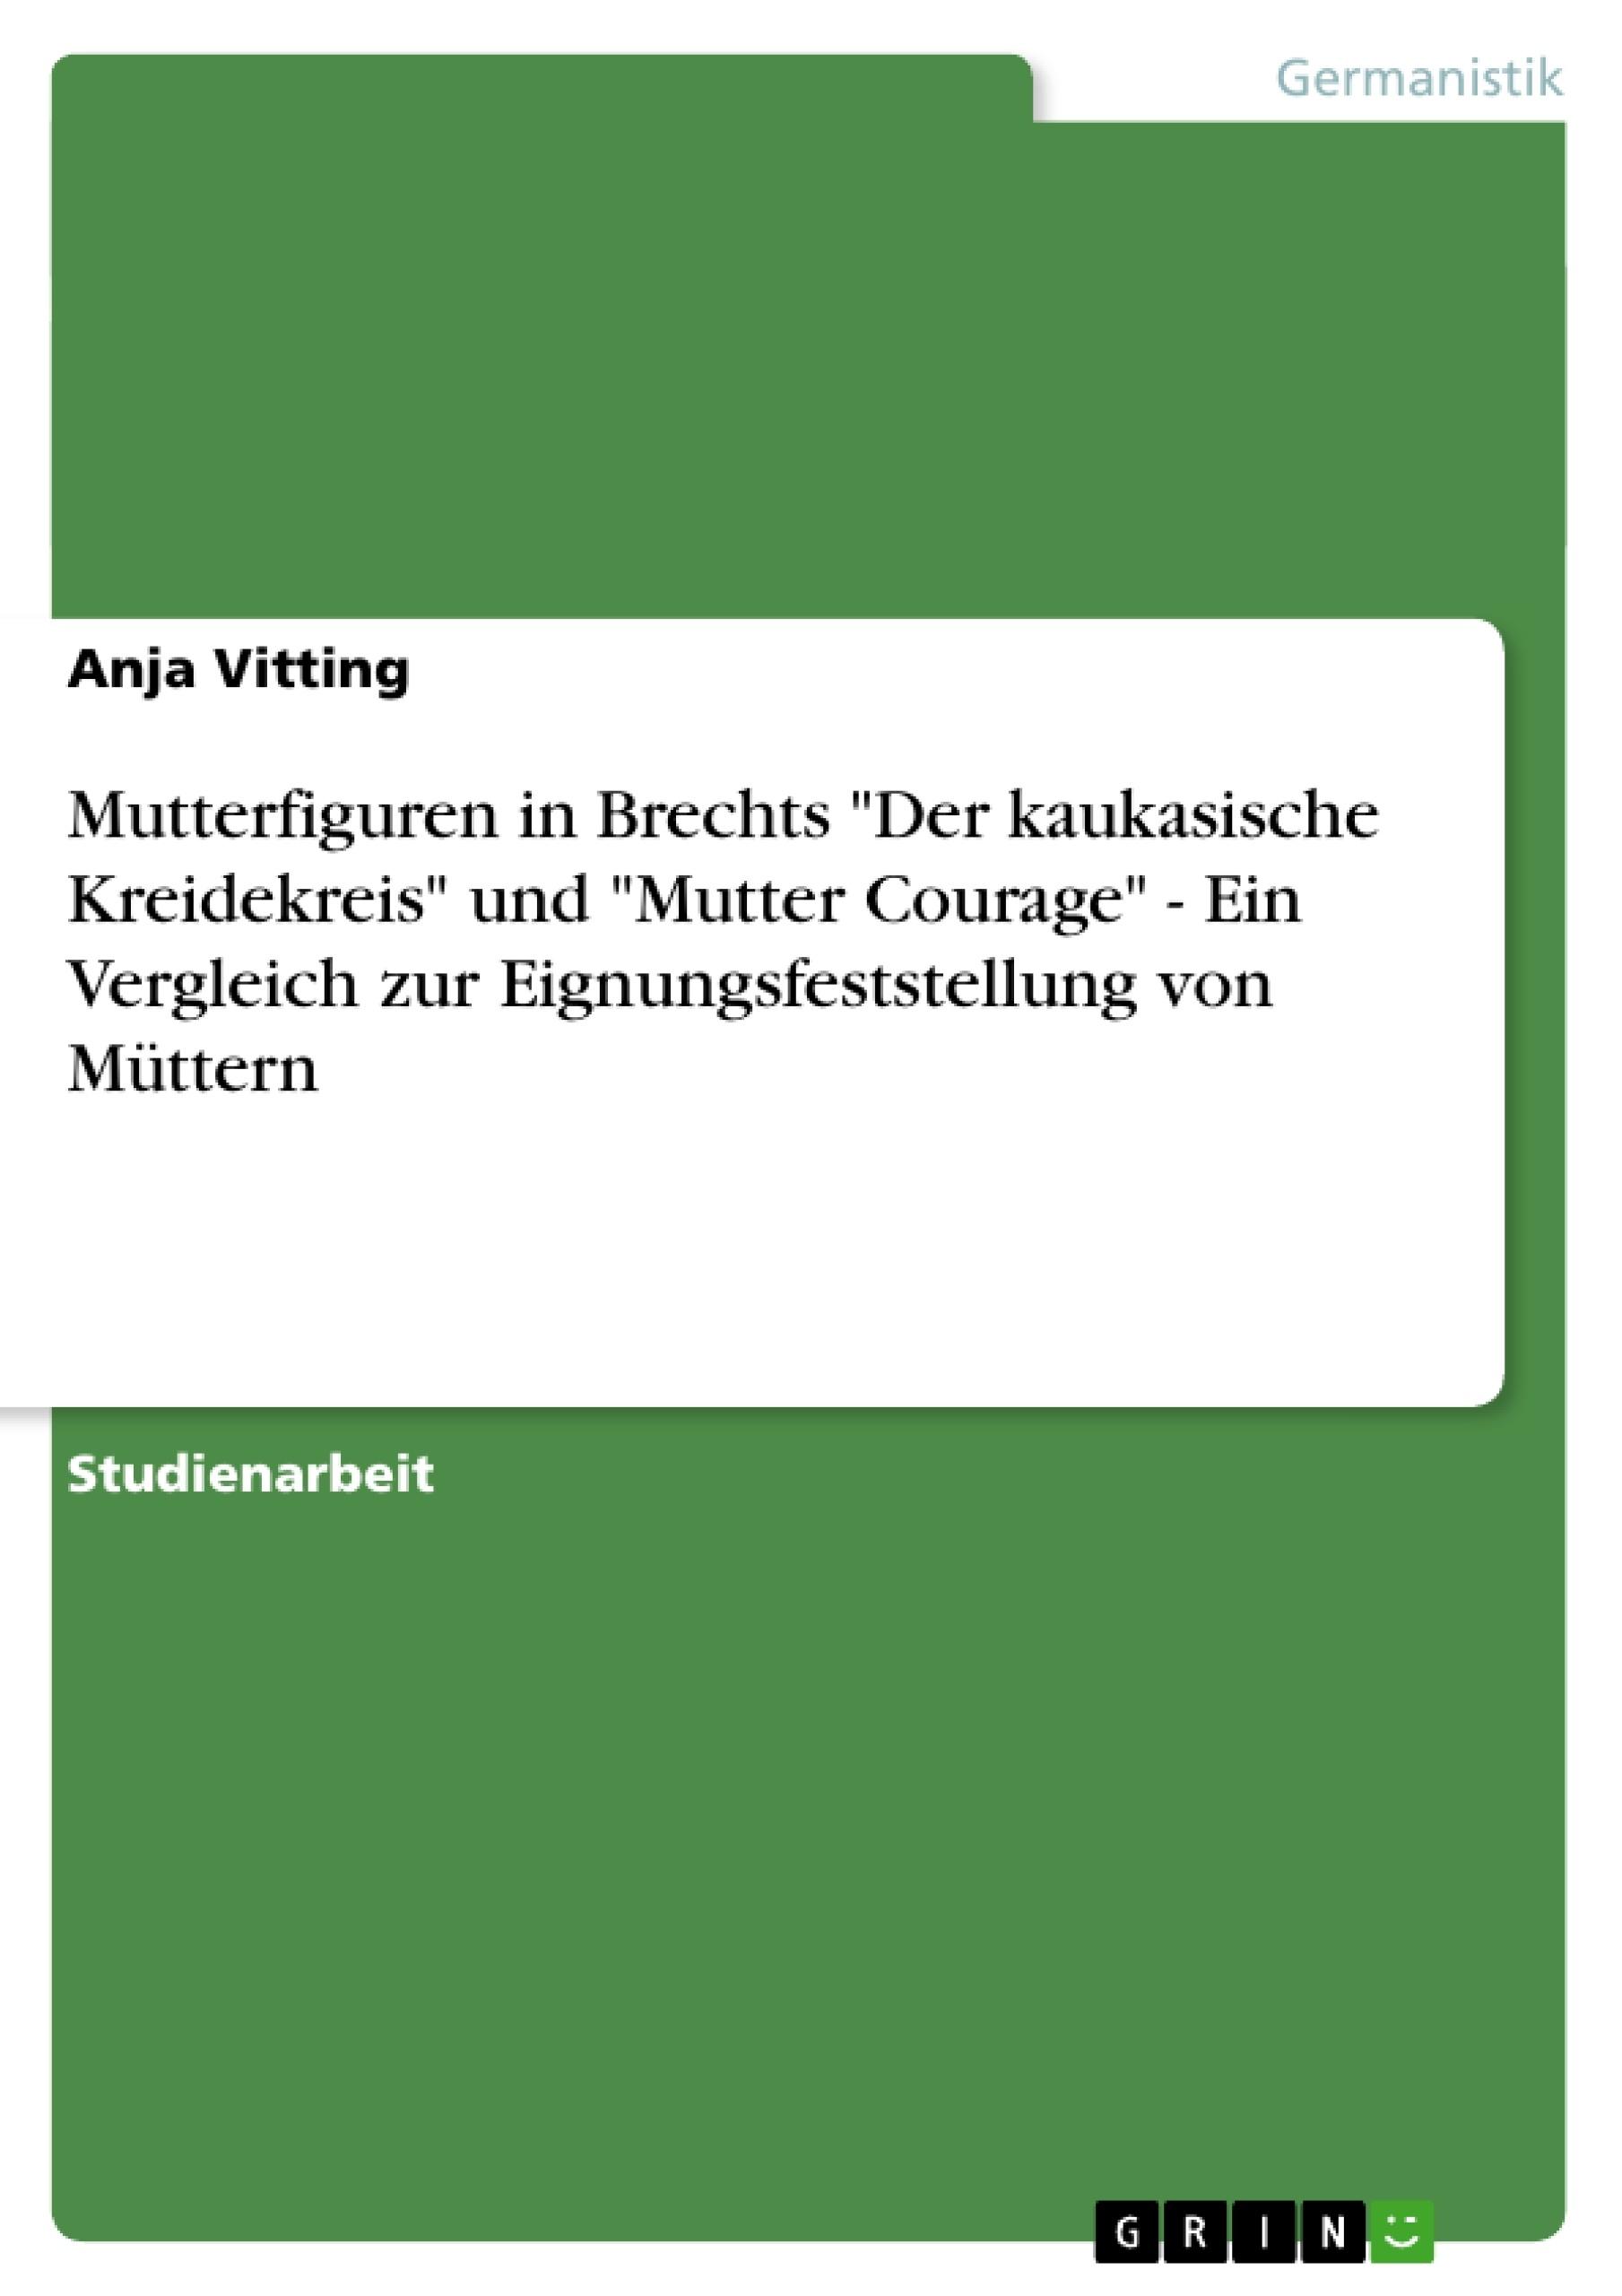 """Titel: Mutterfiguren in Brechts """"Der kaukasische Kreidekreis"""" und """"Mutter Courage"""" - Ein Vergleich zur Eignungsfeststellung von Müttern"""